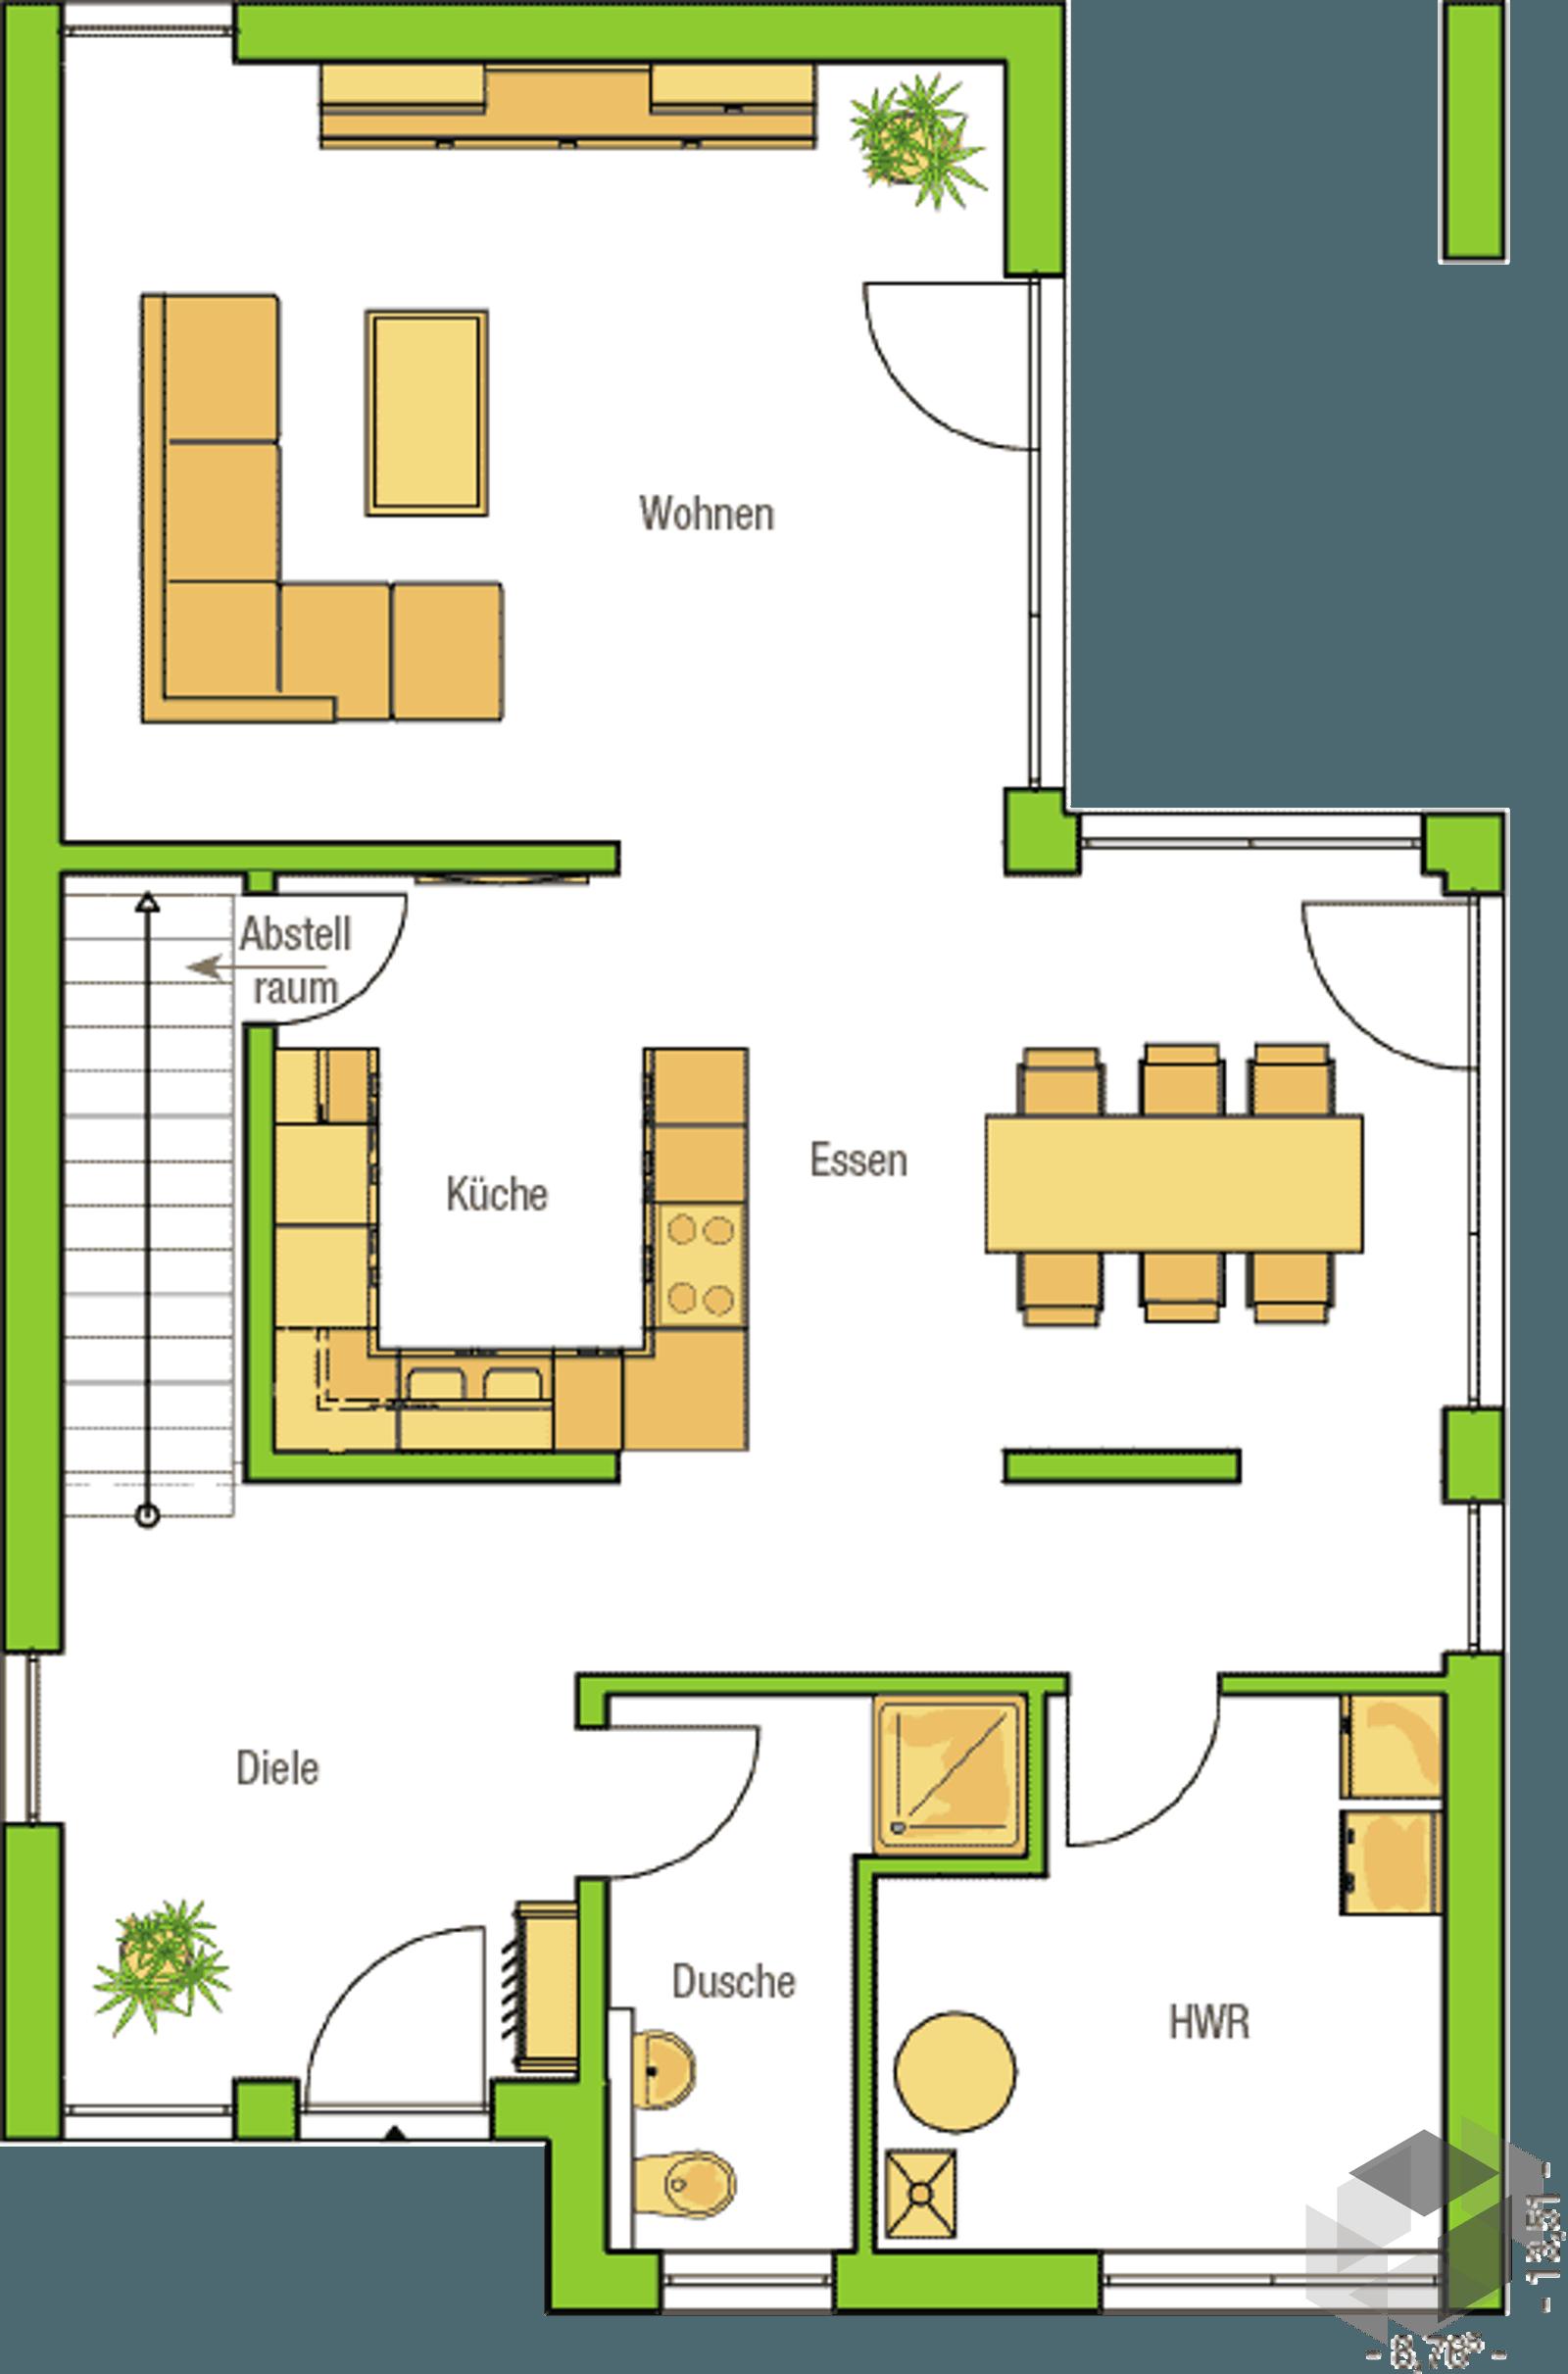 alicante von helma eigenheimbau komplette daten bersicht. Black Bedroom Furniture Sets. Home Design Ideas